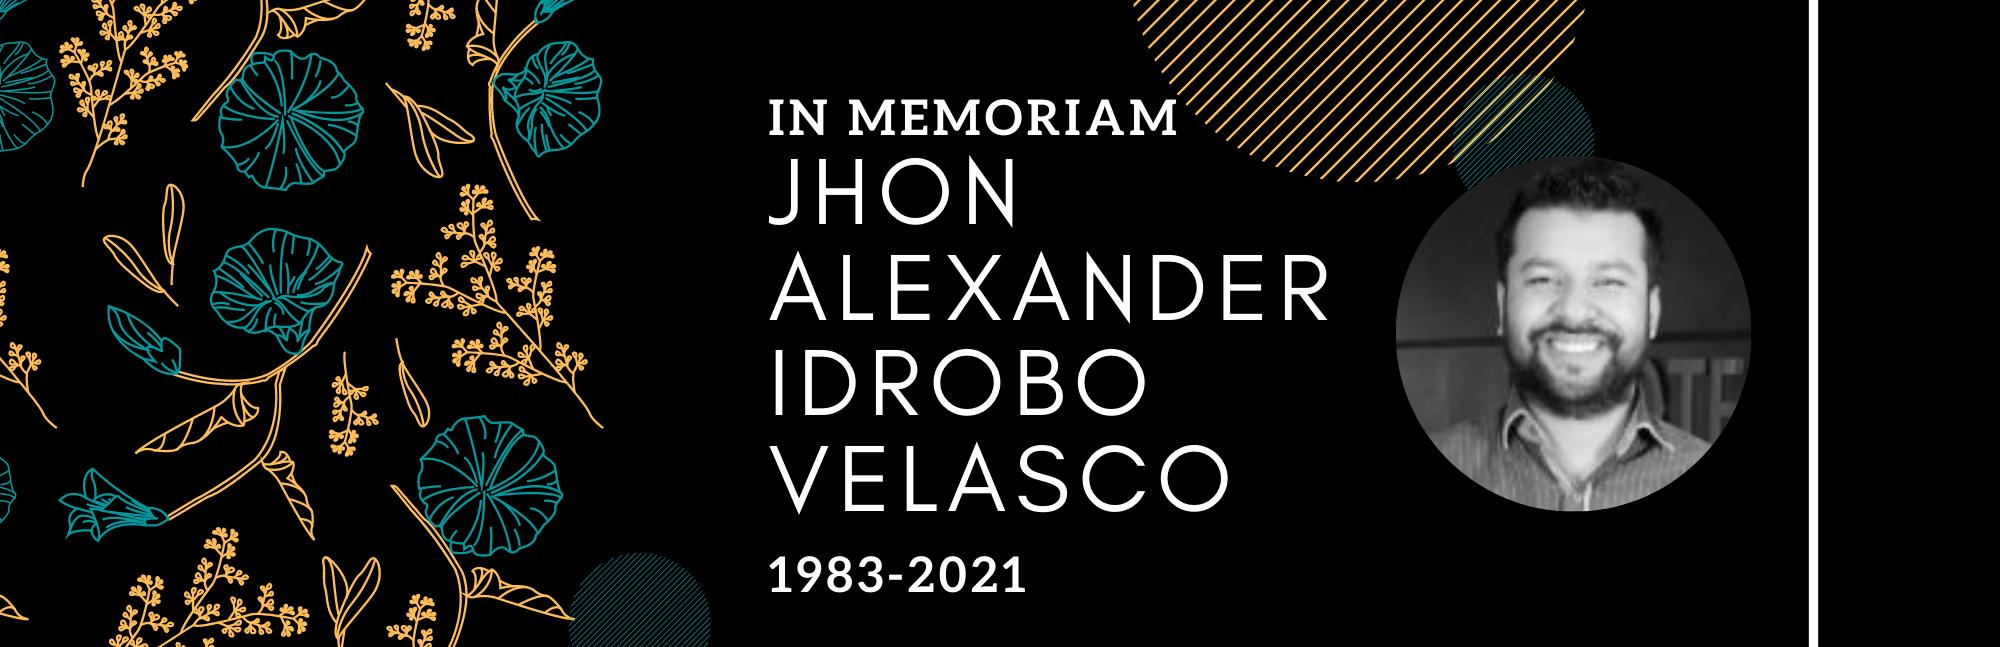 Lamentamos el fallecimiento de Jhon Alexander Idrobo Velasco